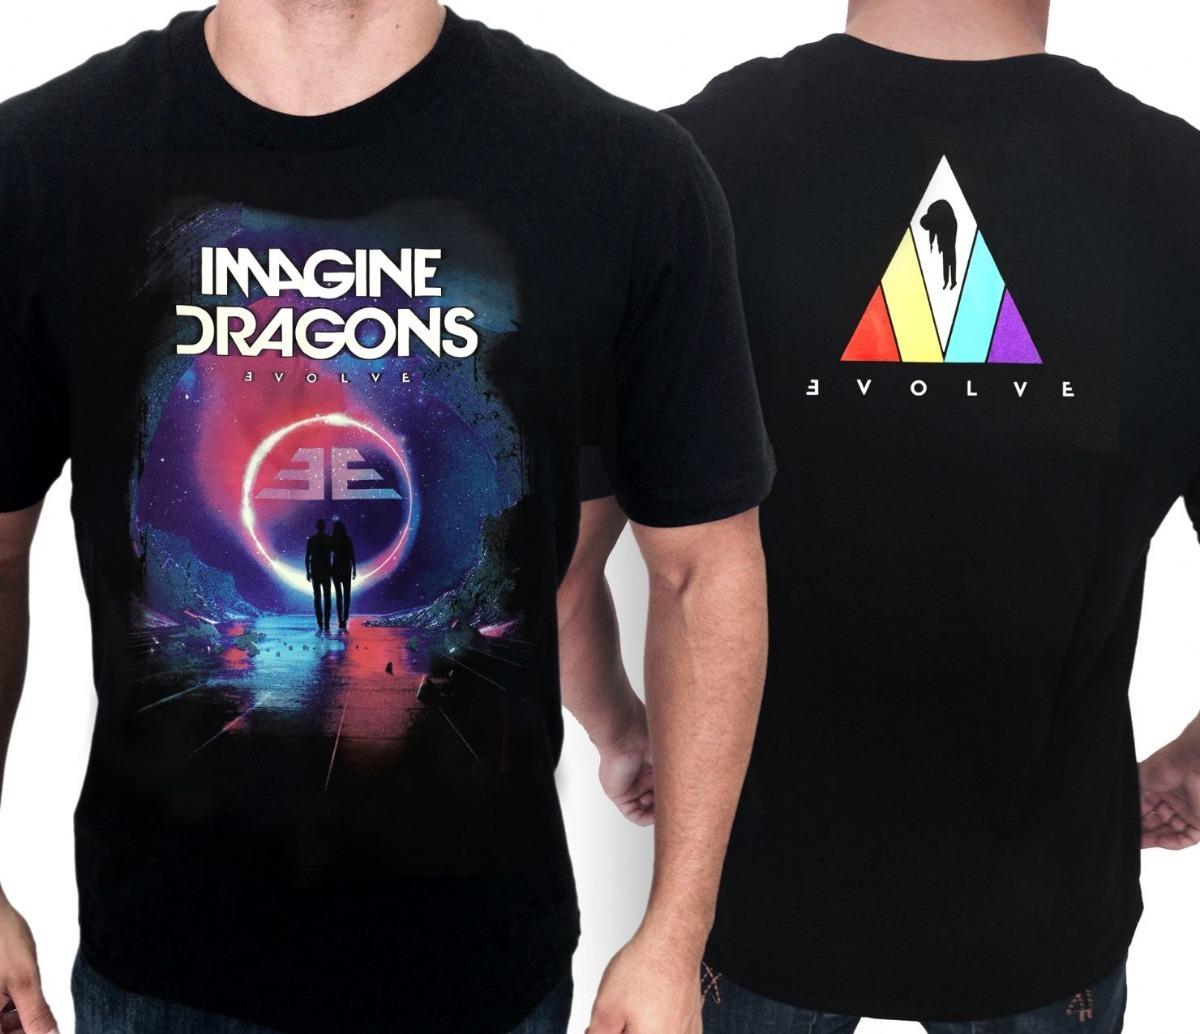 e8c8faefaf532 camiseta consulado do rock e1387 imagine dragons camisa band. Carregando  zoom.